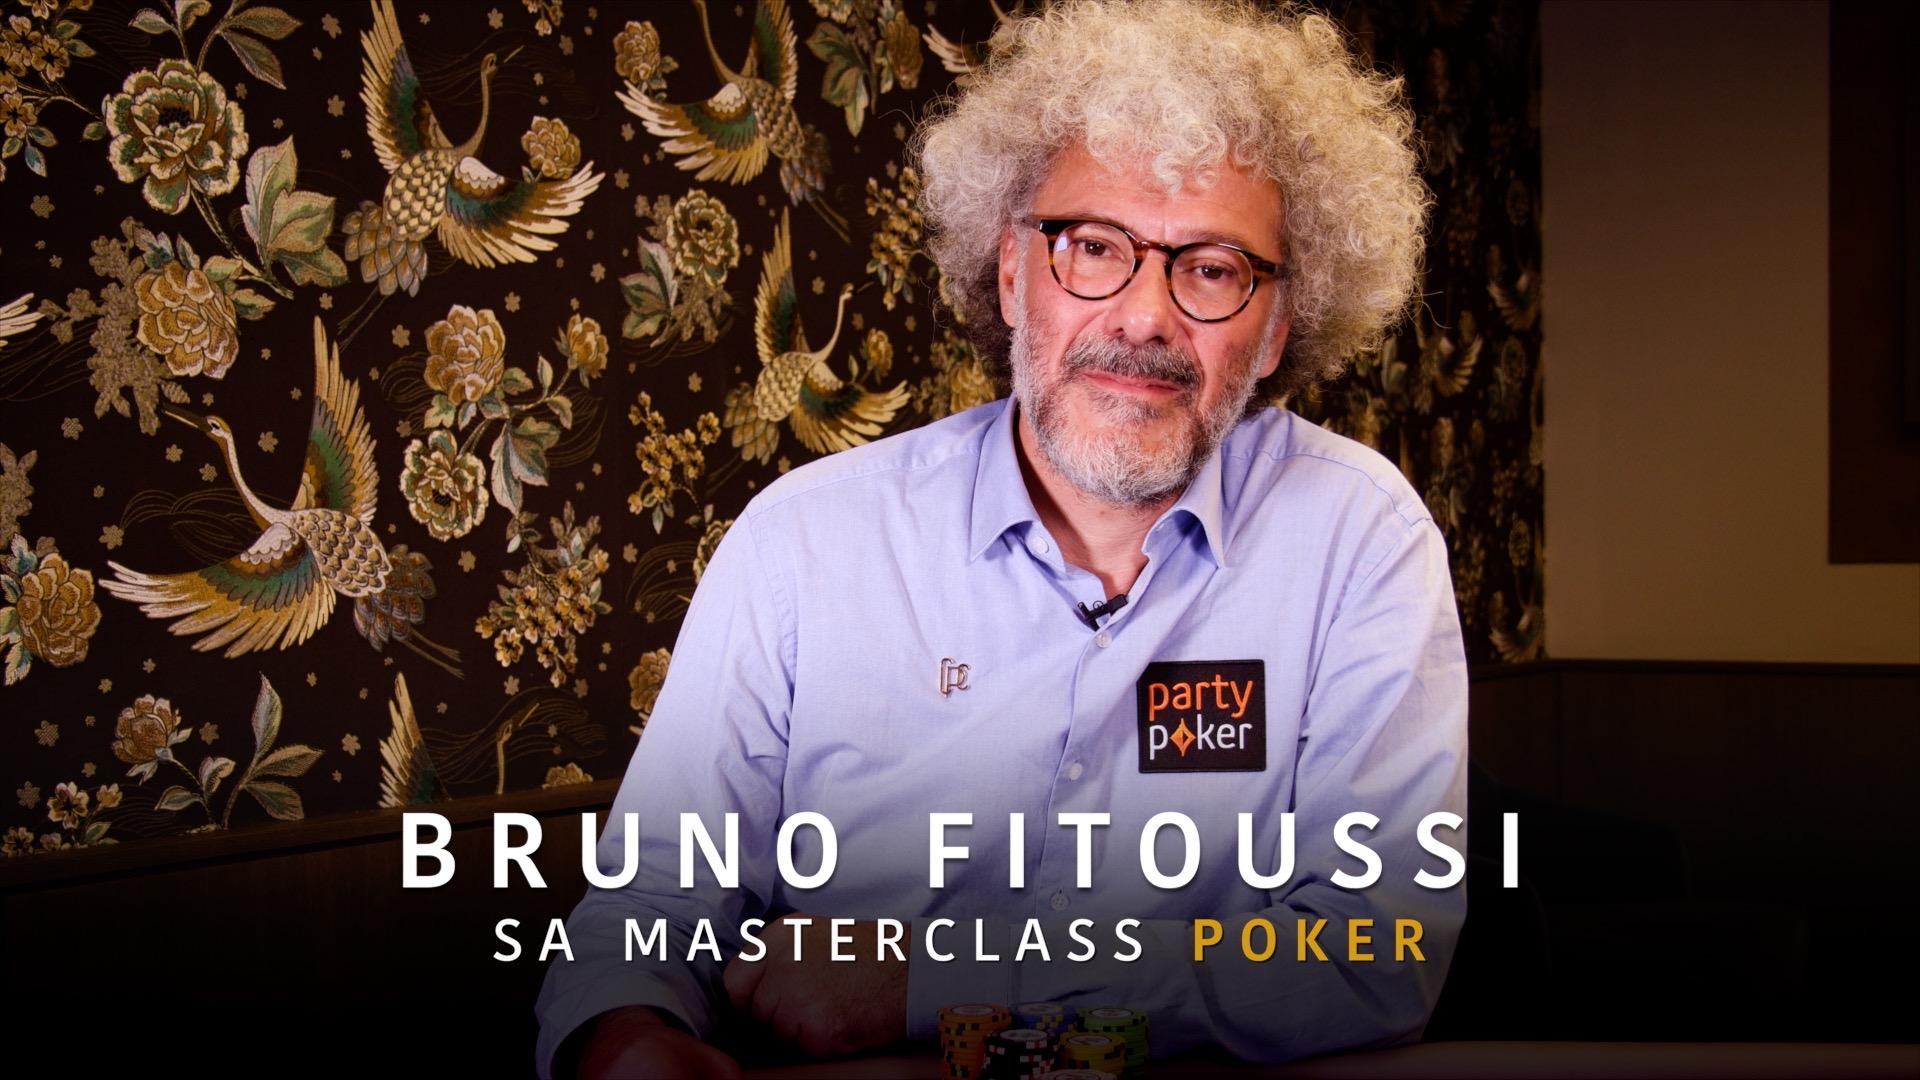 Bruno Fitoussi